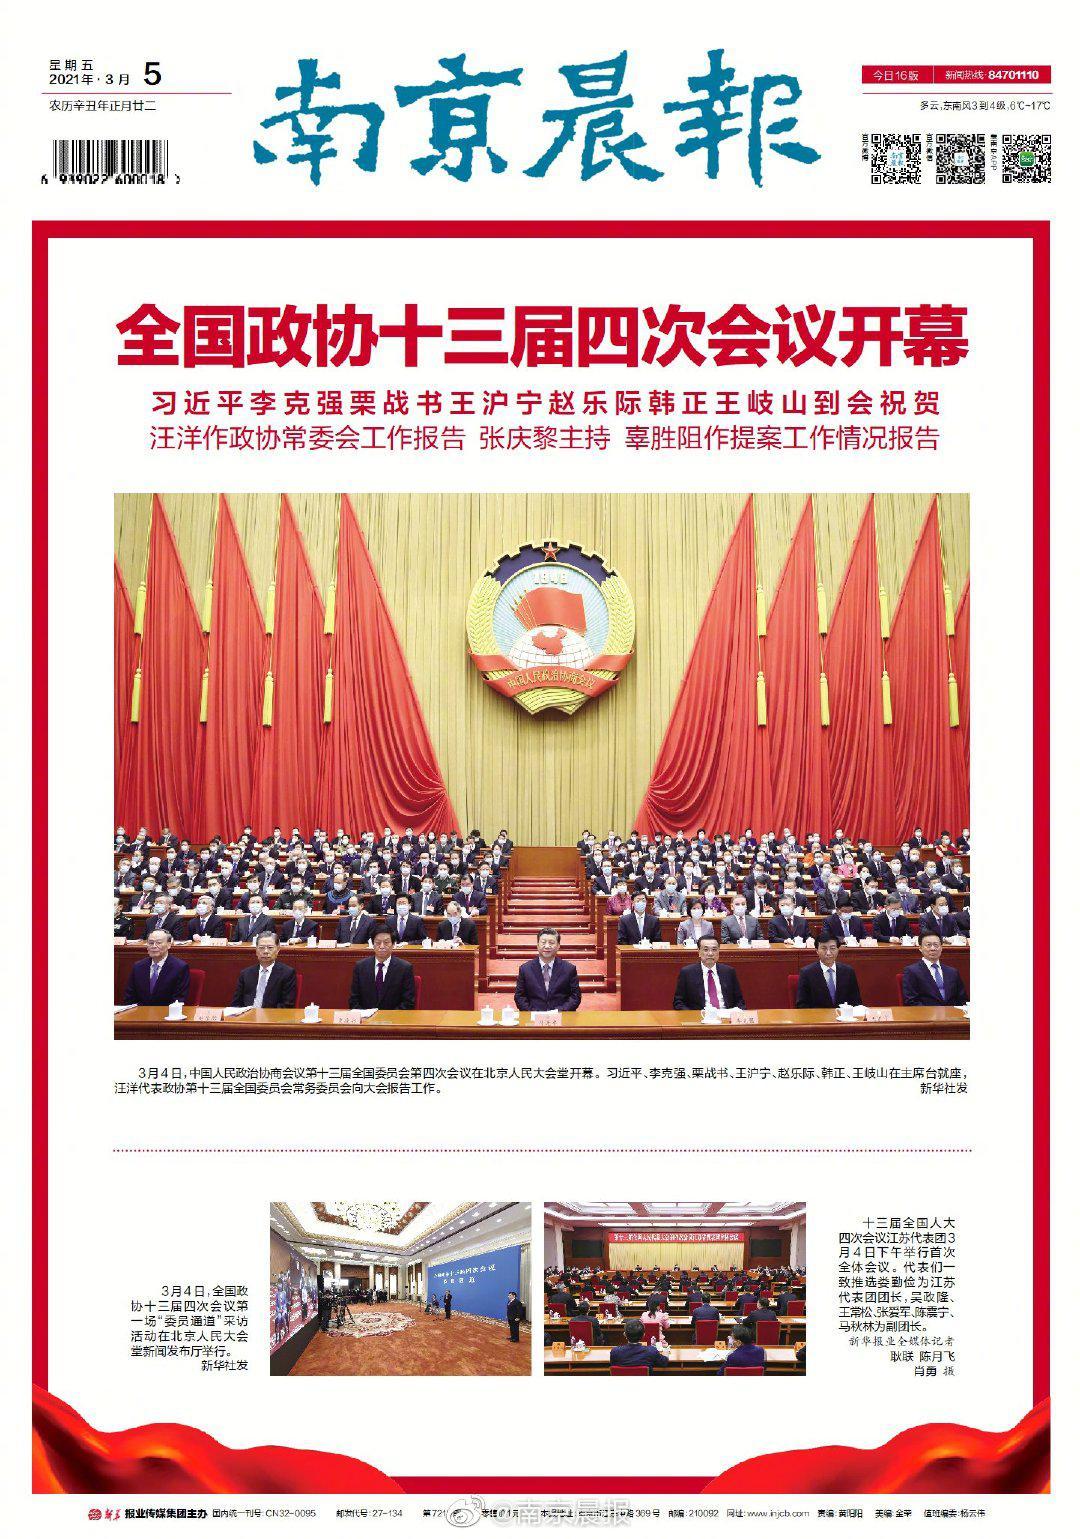 南京晨报3月5日电子版